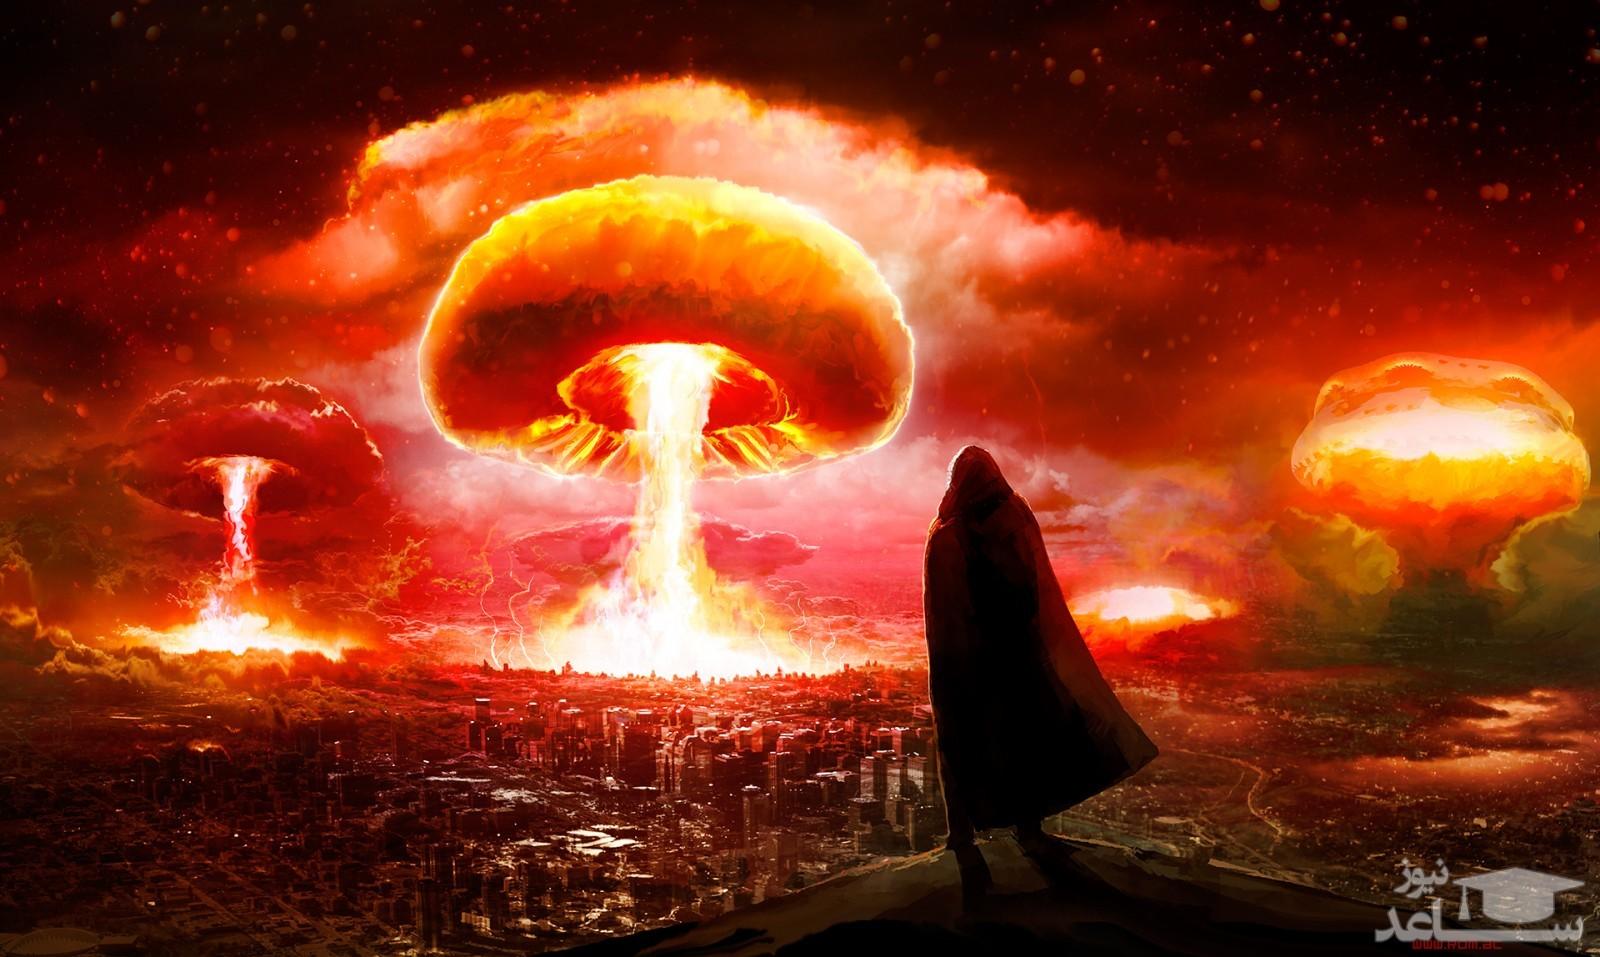 آیا واقعا آخرالزمان نزدیک است؟